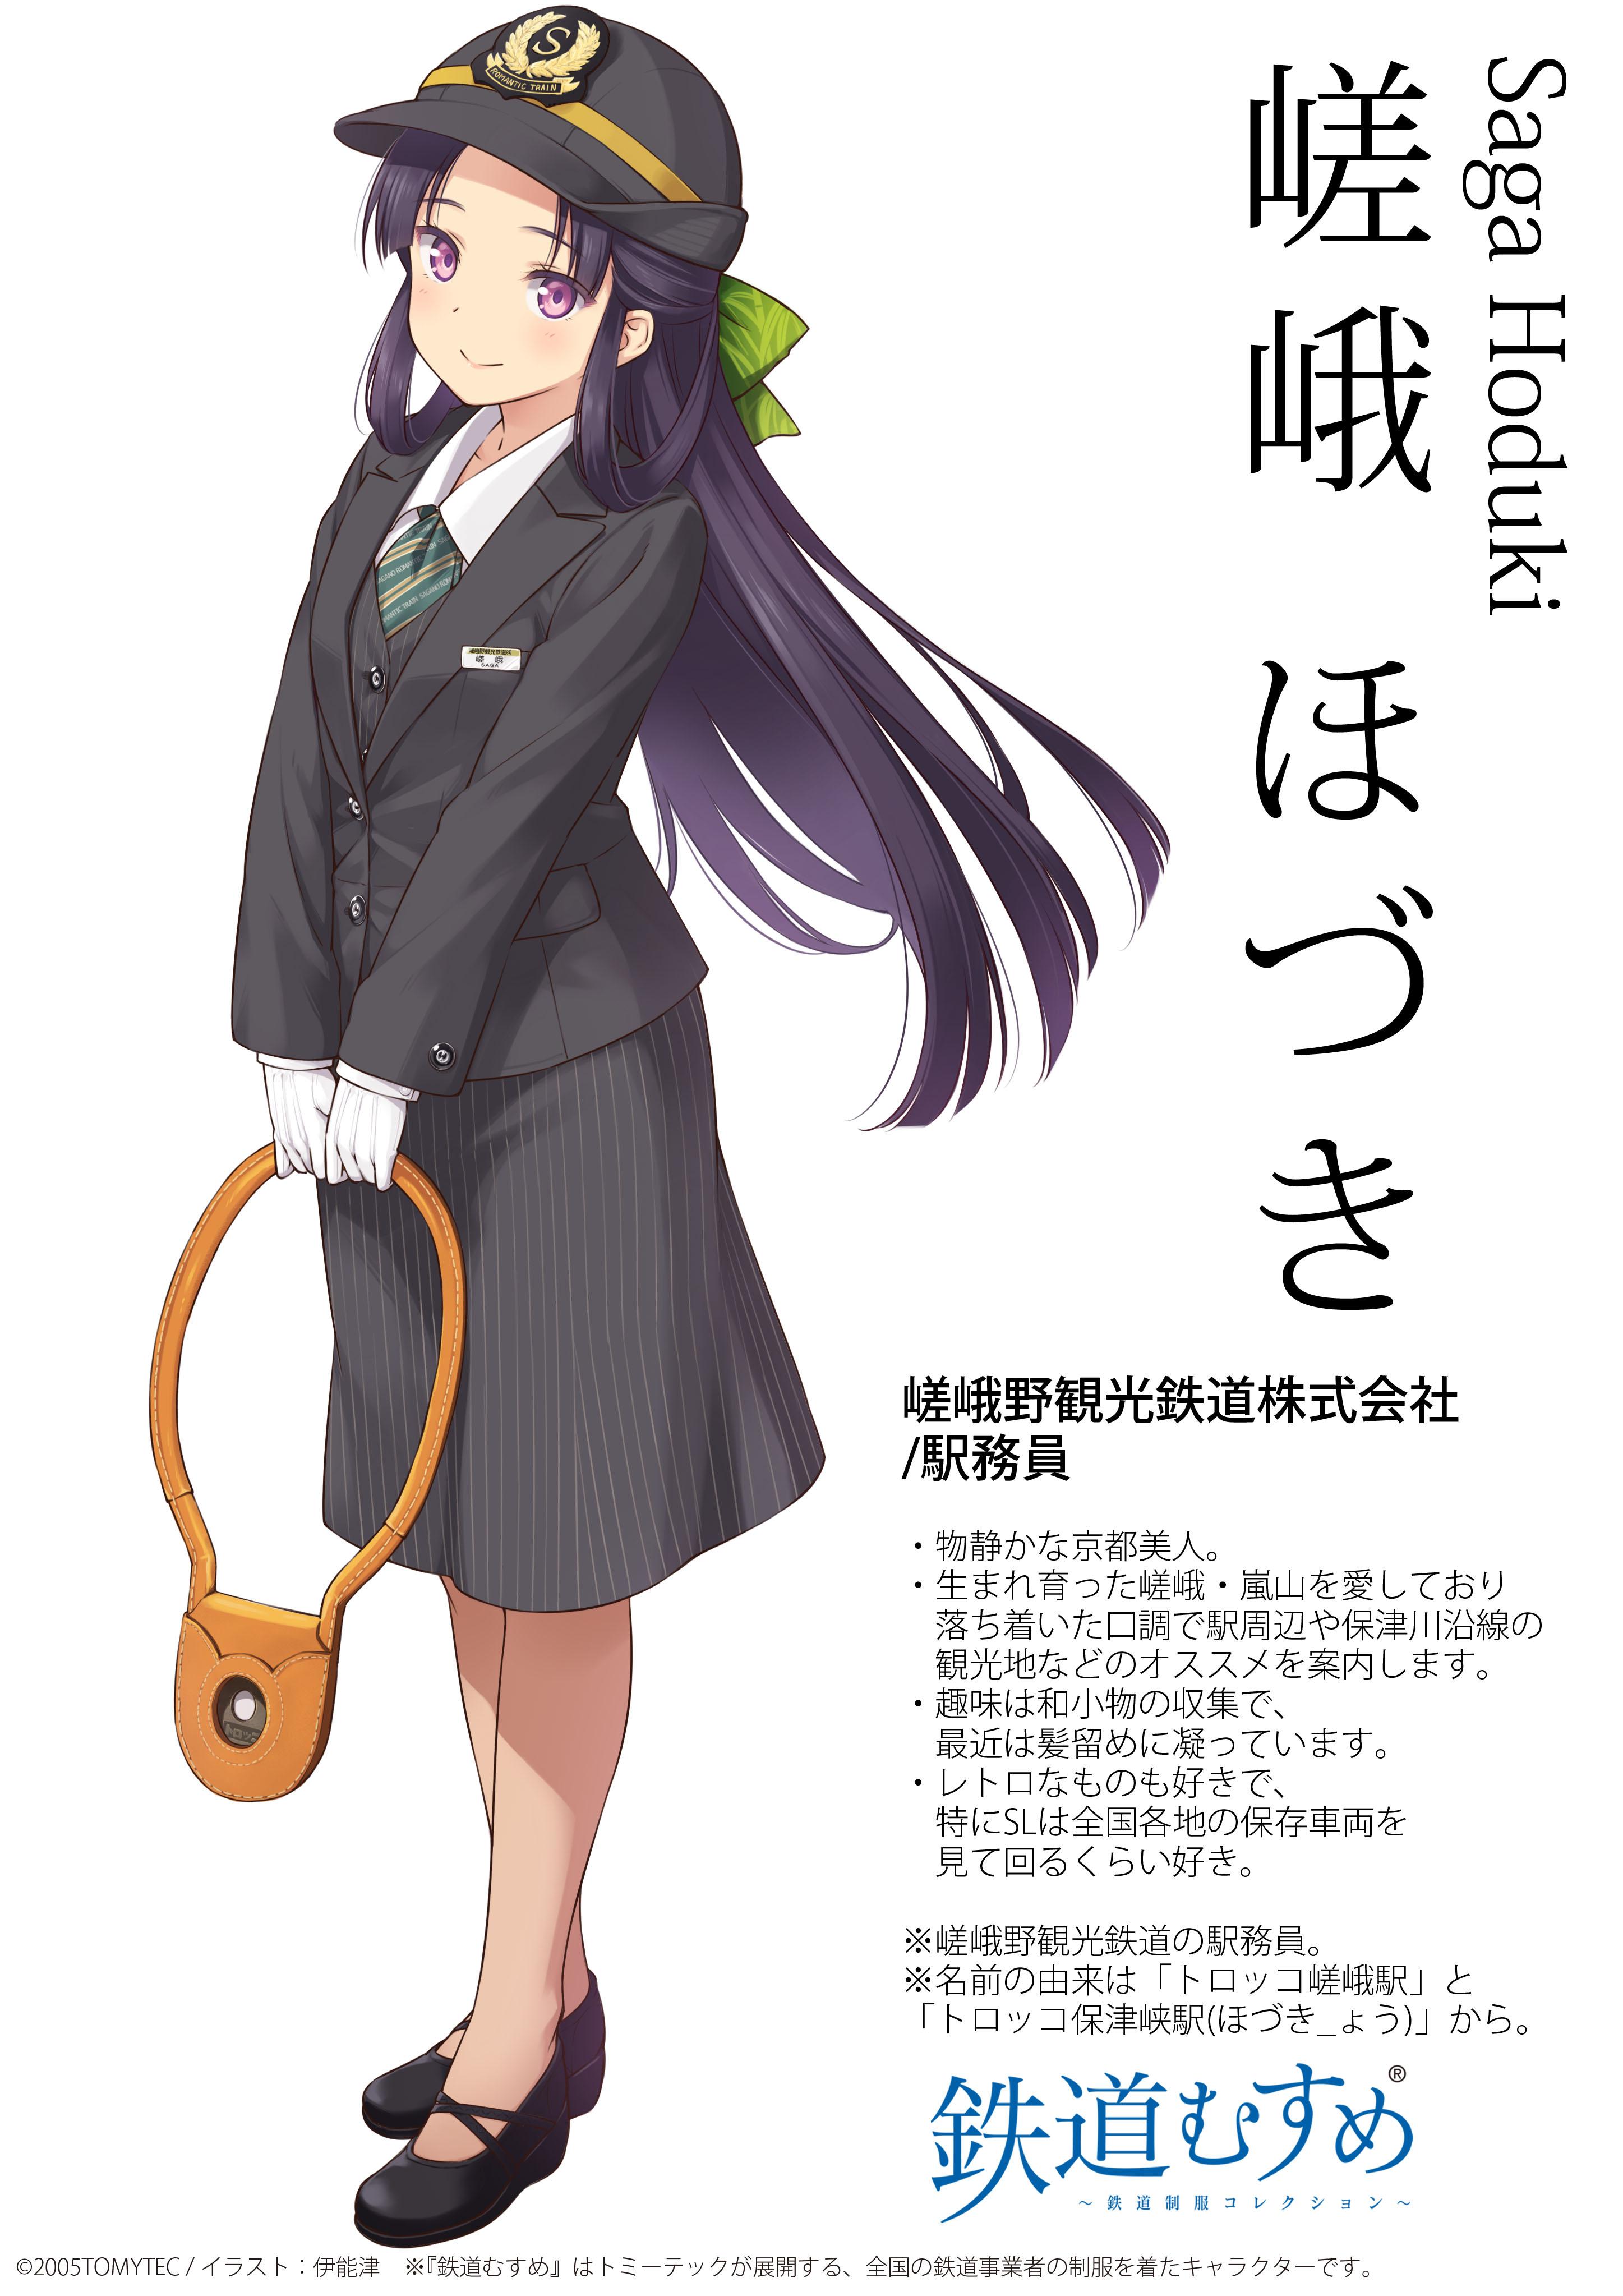 嵯峨野トロッコ鉄道むすめ「嵯峨ほづき」Hozuki Saga